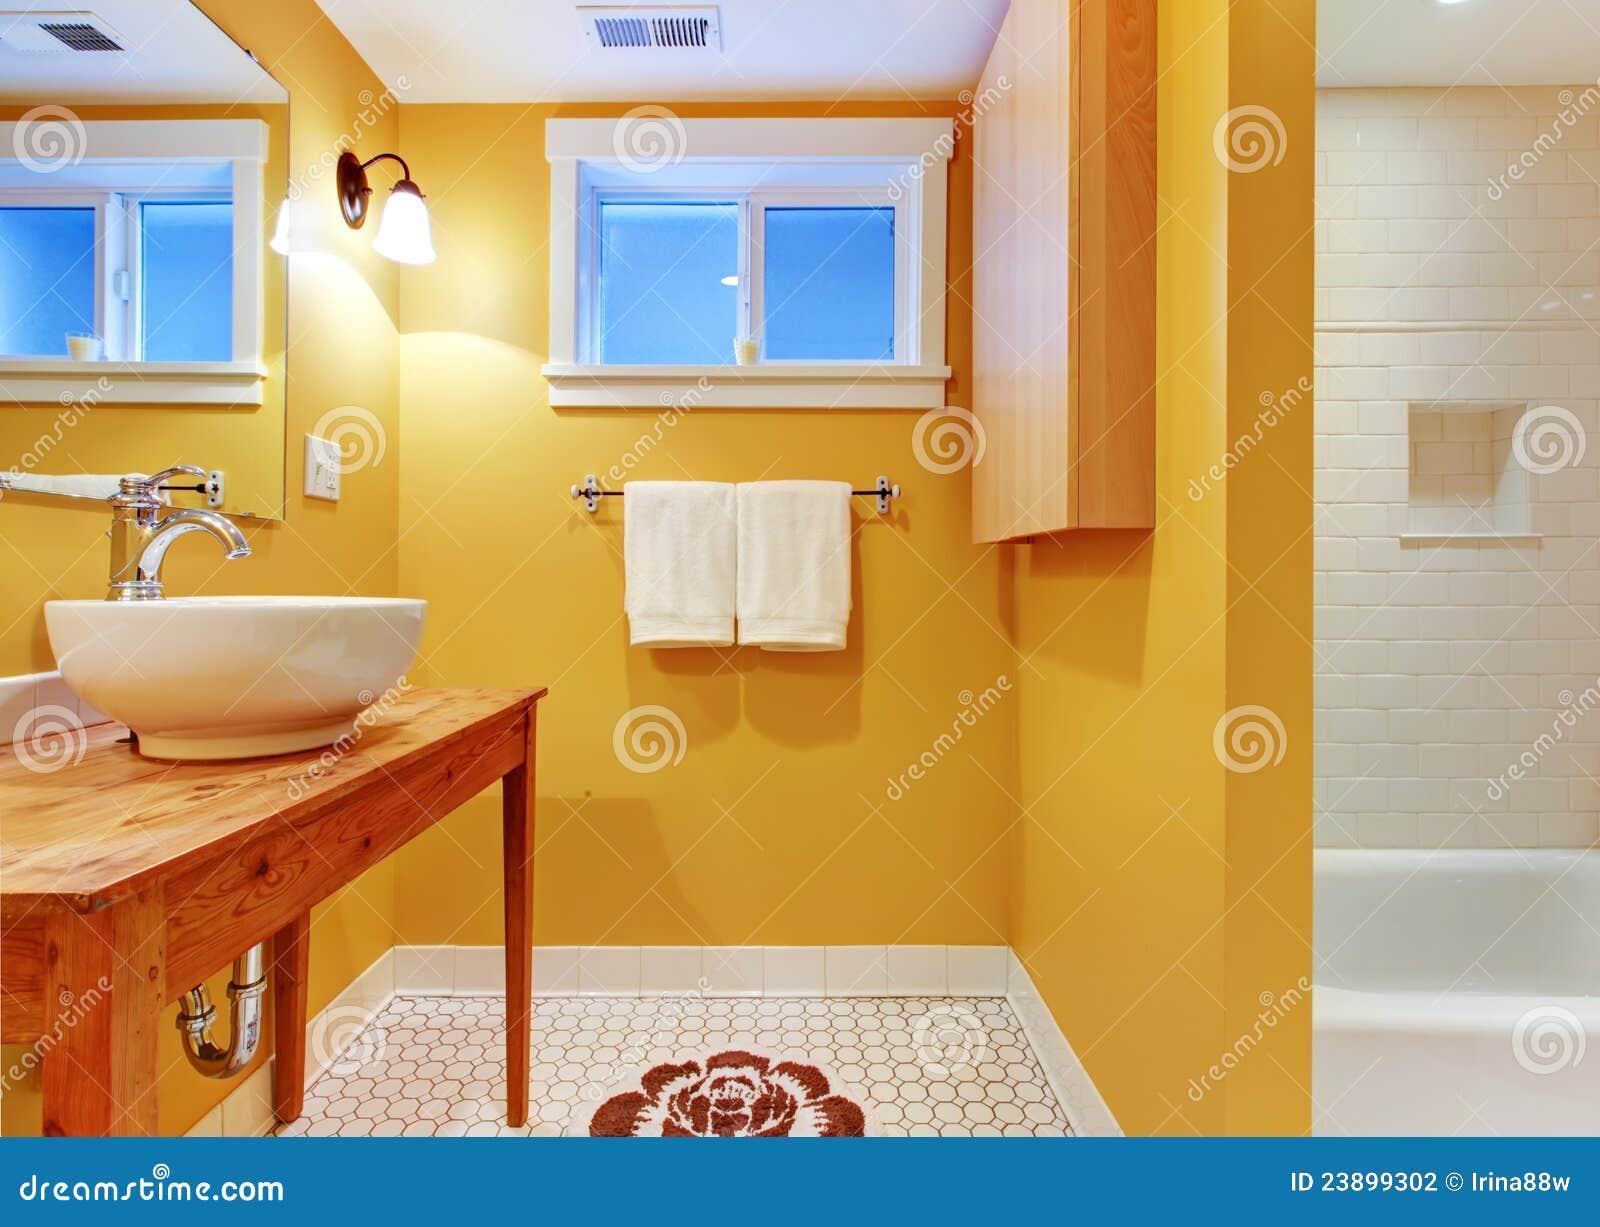 Stanza da bagno arancione con il dispersore moderno - Stanze da bagno moderne ...